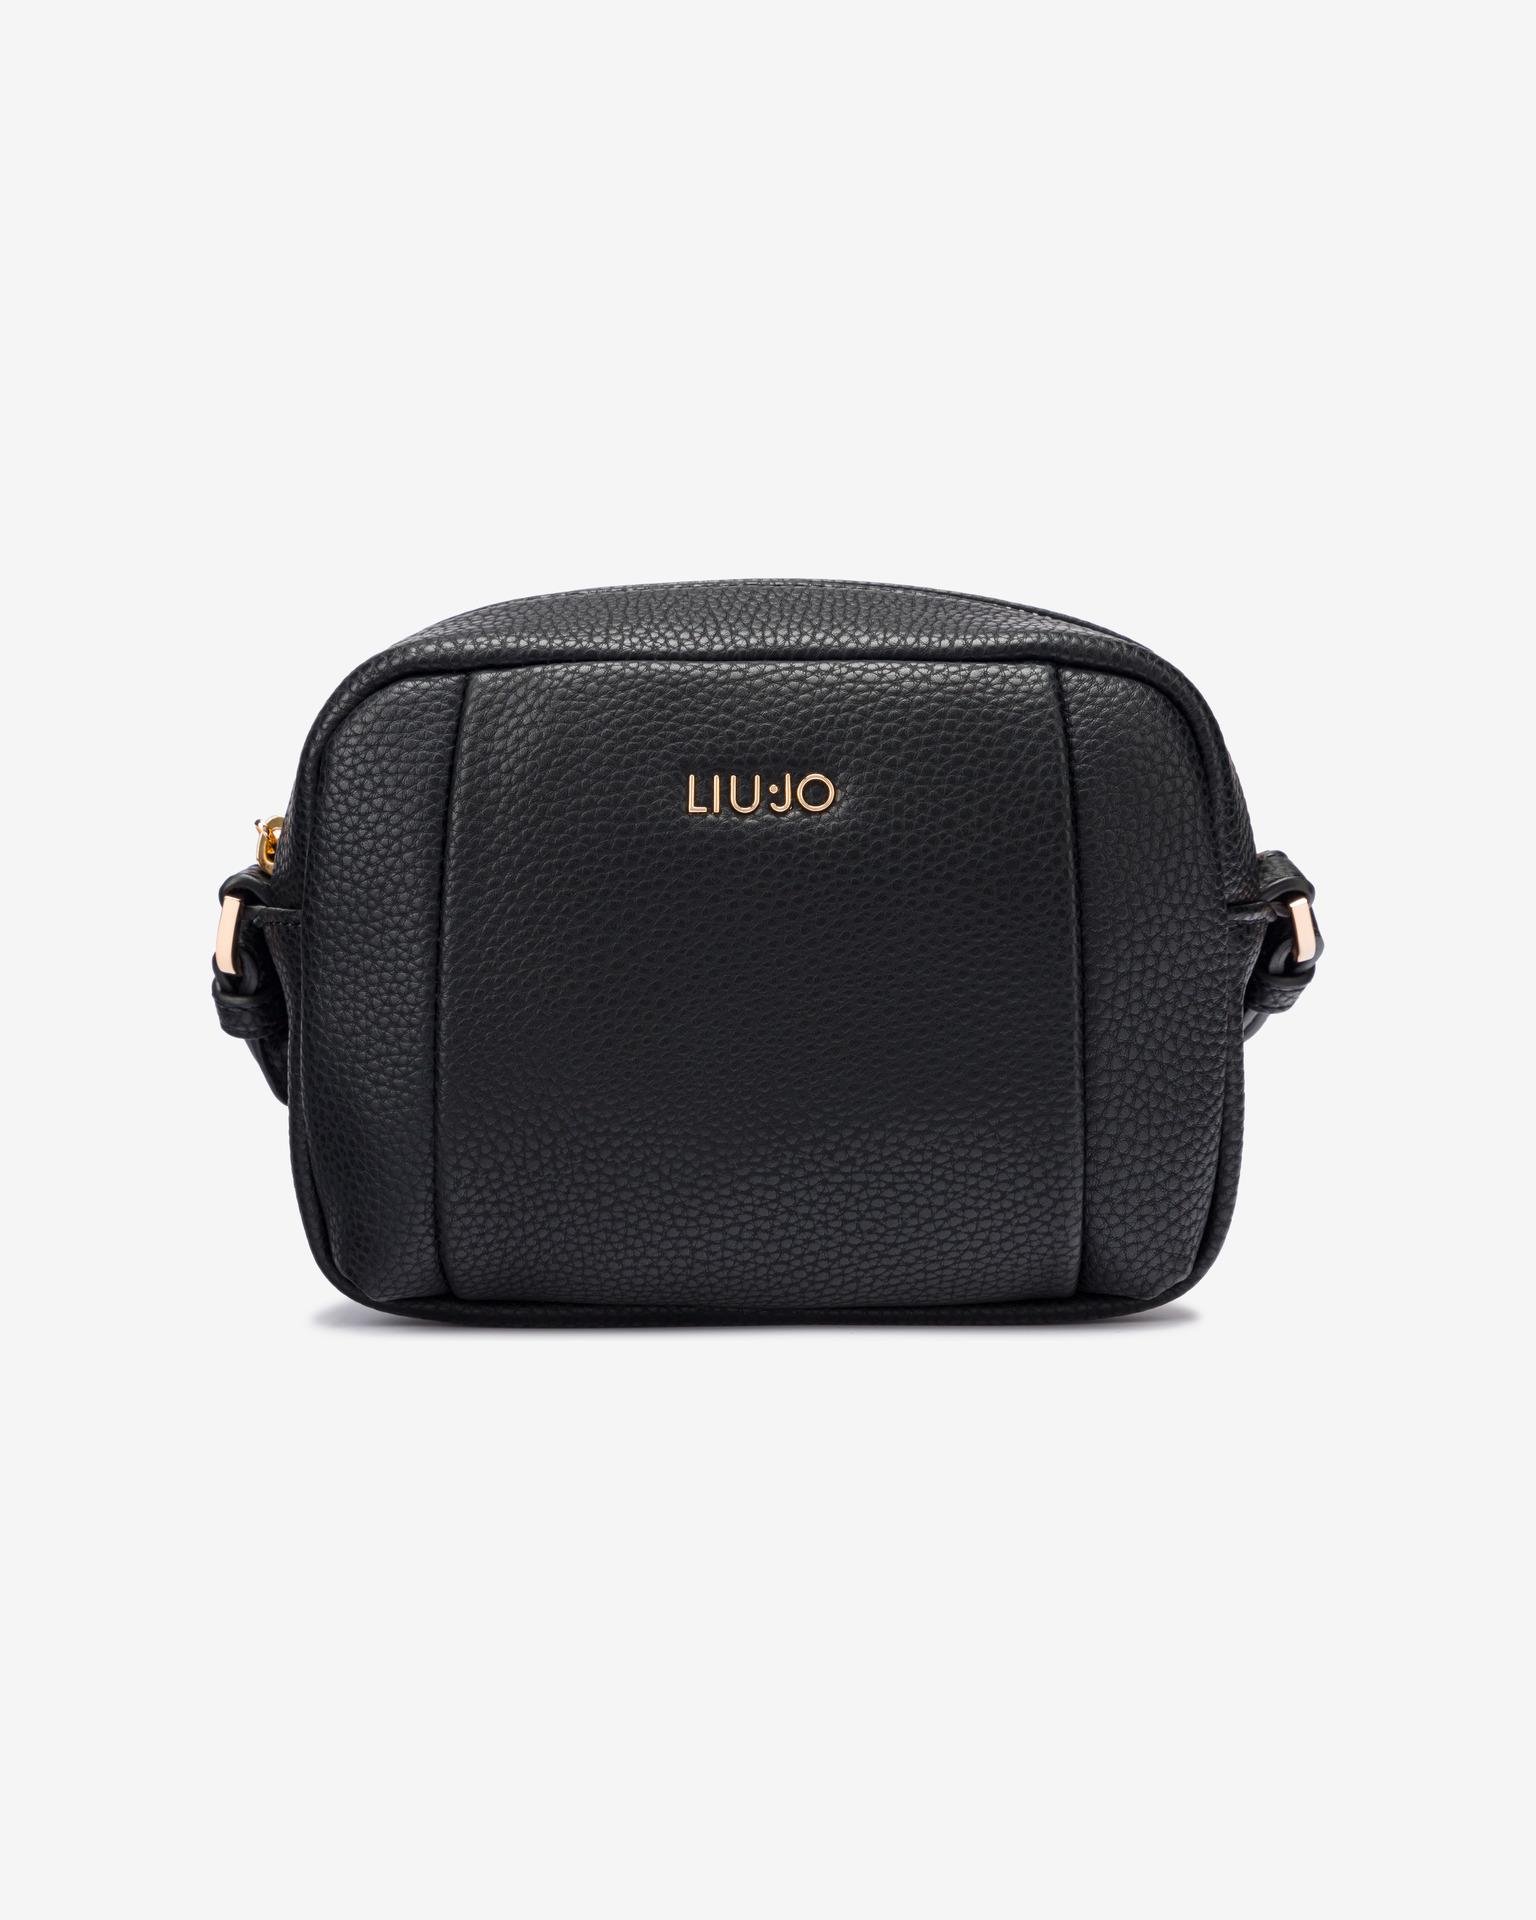 Liu Jo black crossbody bag M Beauty